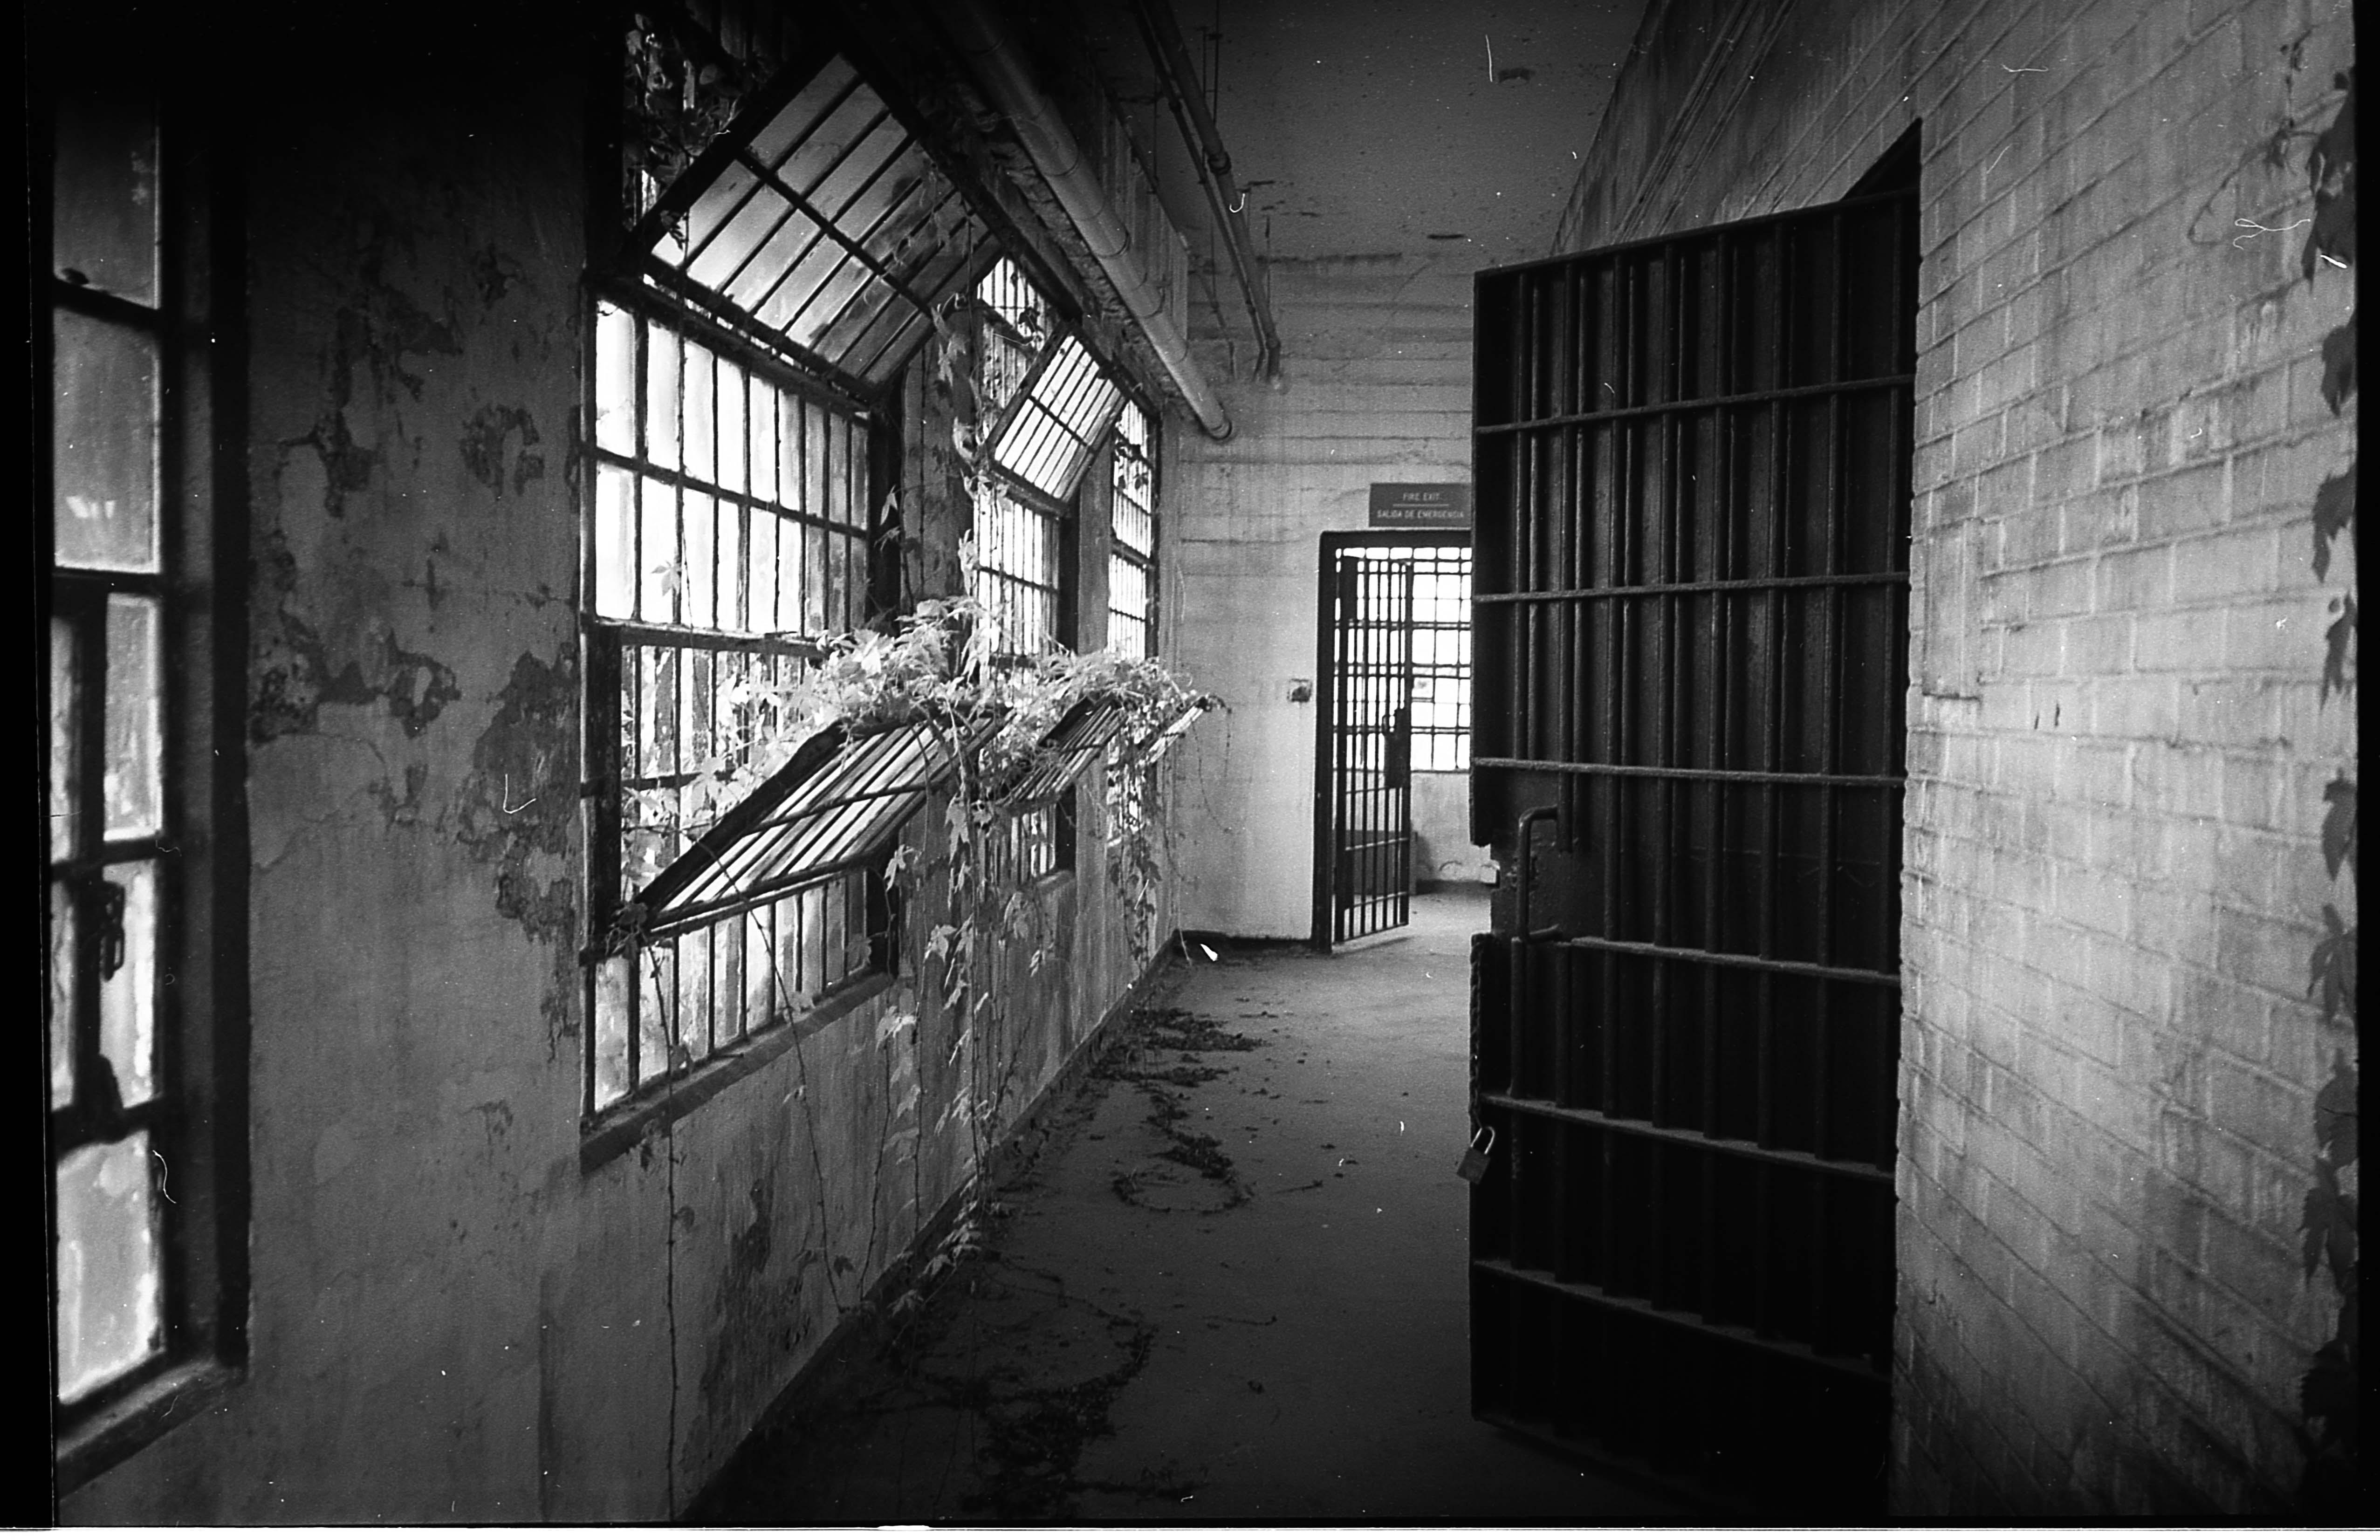 prisondoor